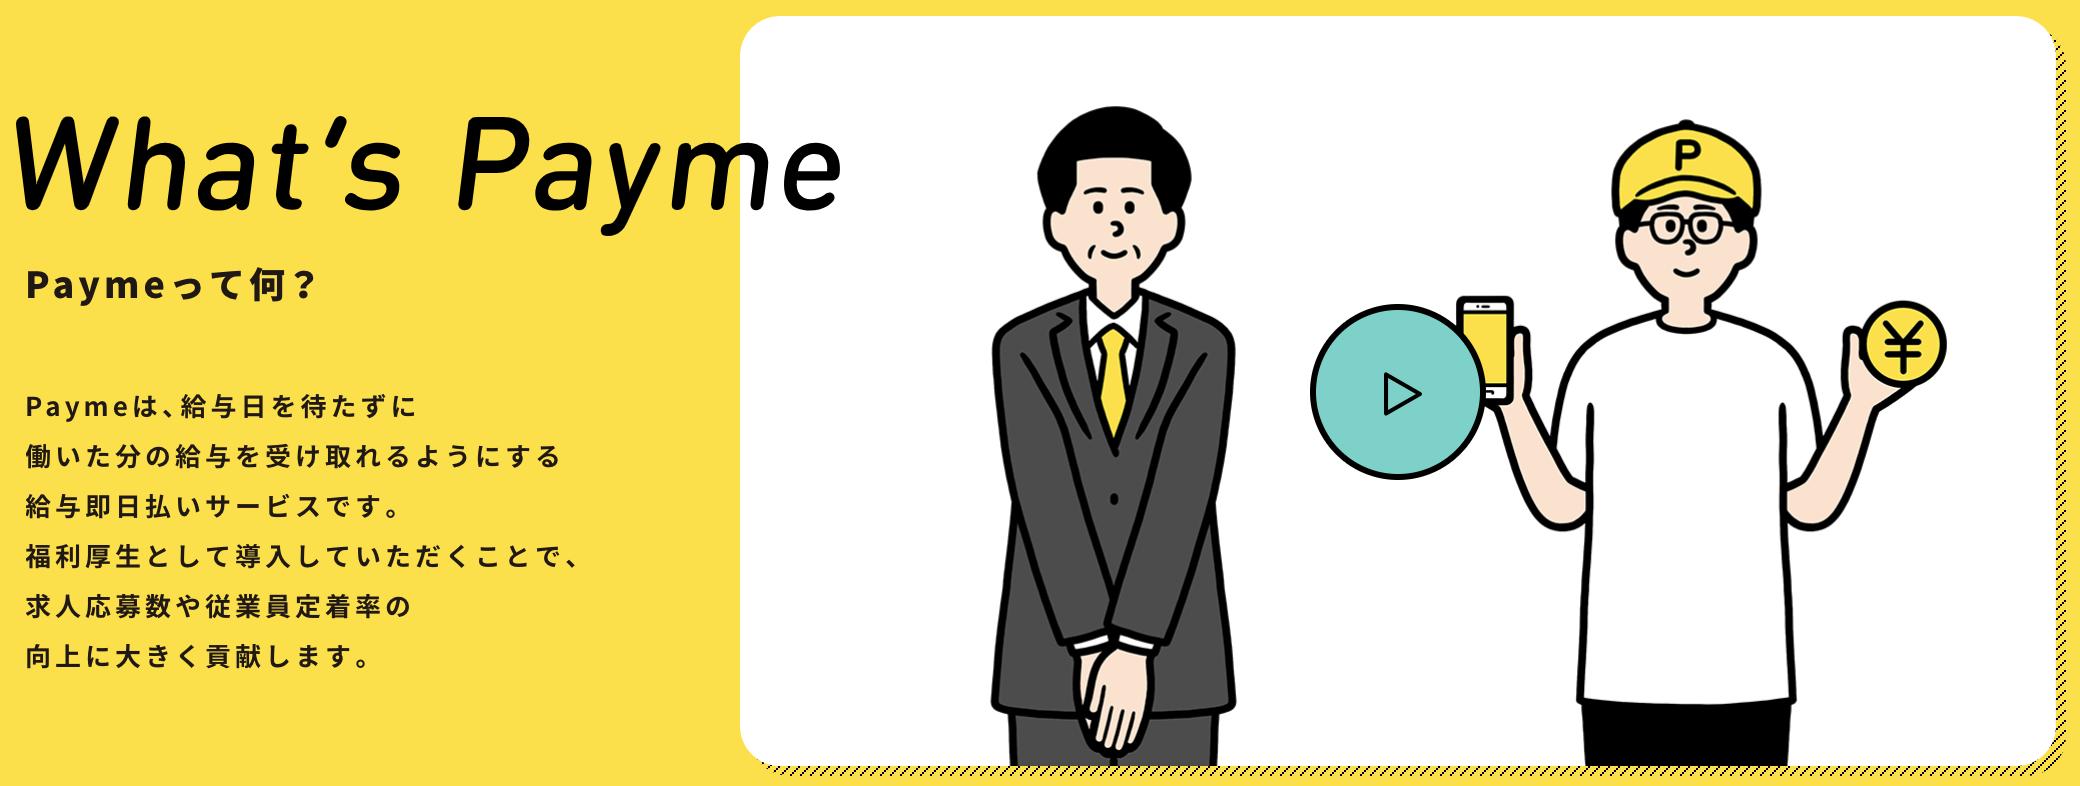 給与即日払いサービス「Payme」におけるPythonを用いたサーバサイド開発業務